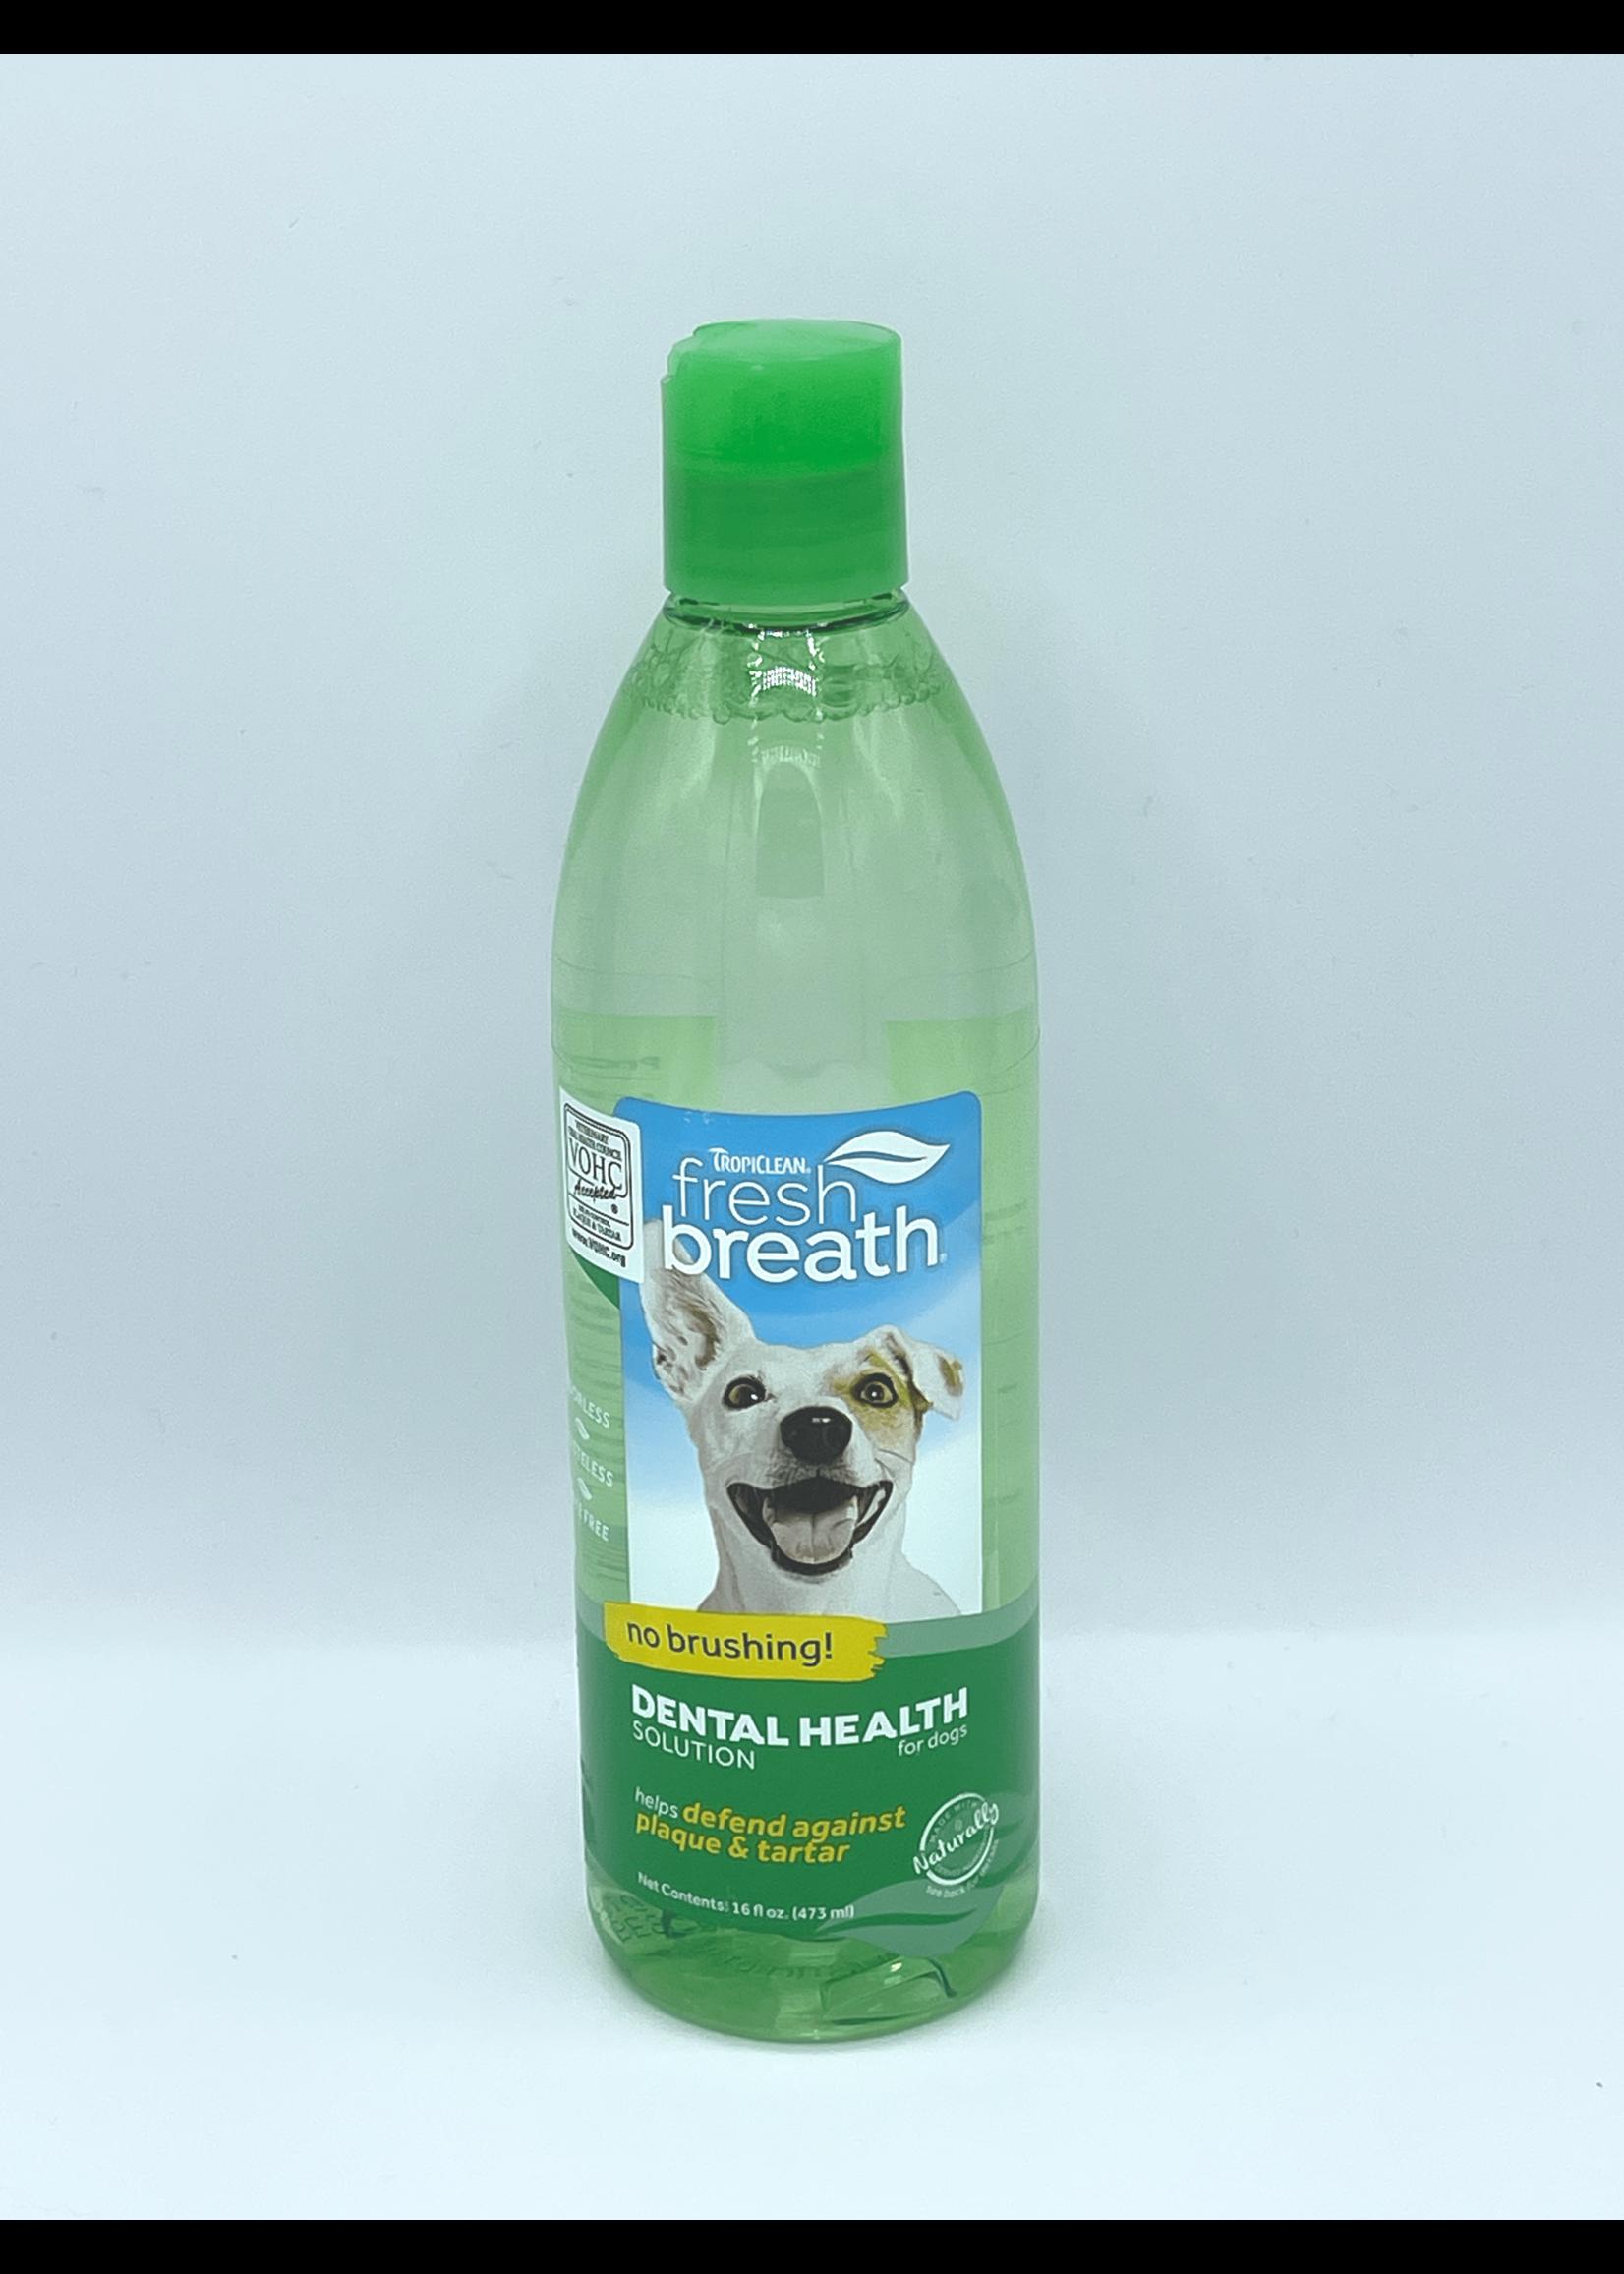 TropiClean Fresh Breath Dog Dental Health Solution